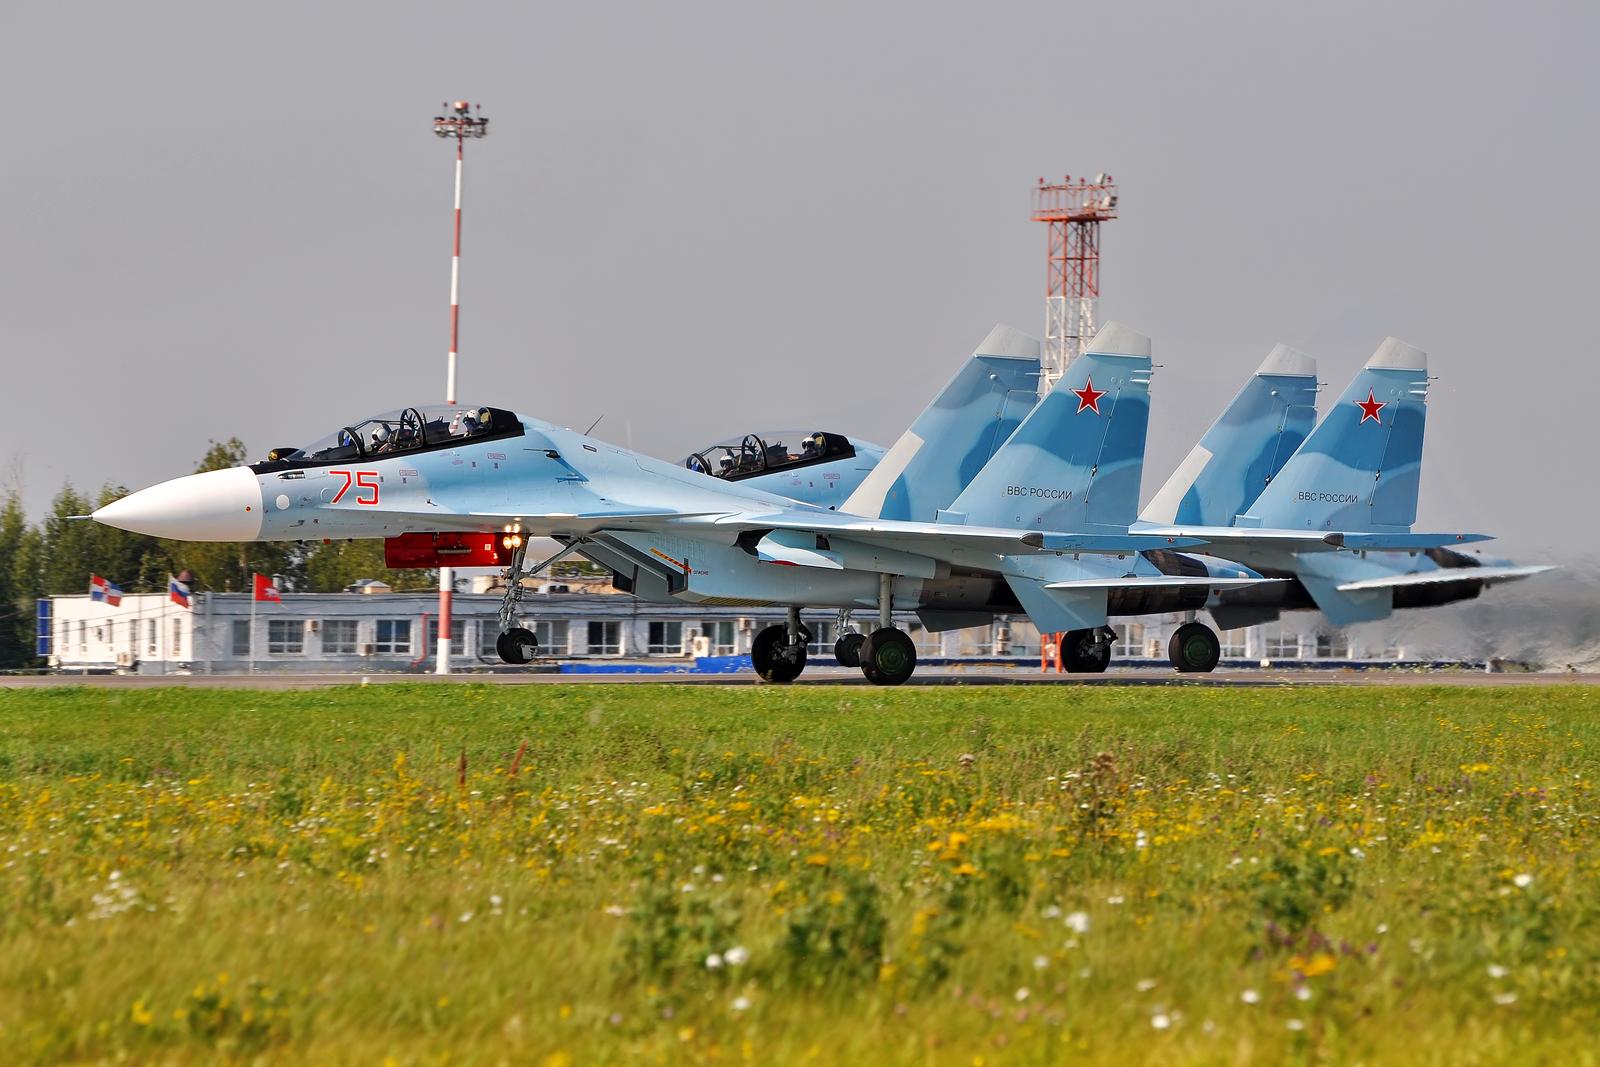 14-го гвардейский истребительный авиационный полк получил еще два истребителя Су-30СМ